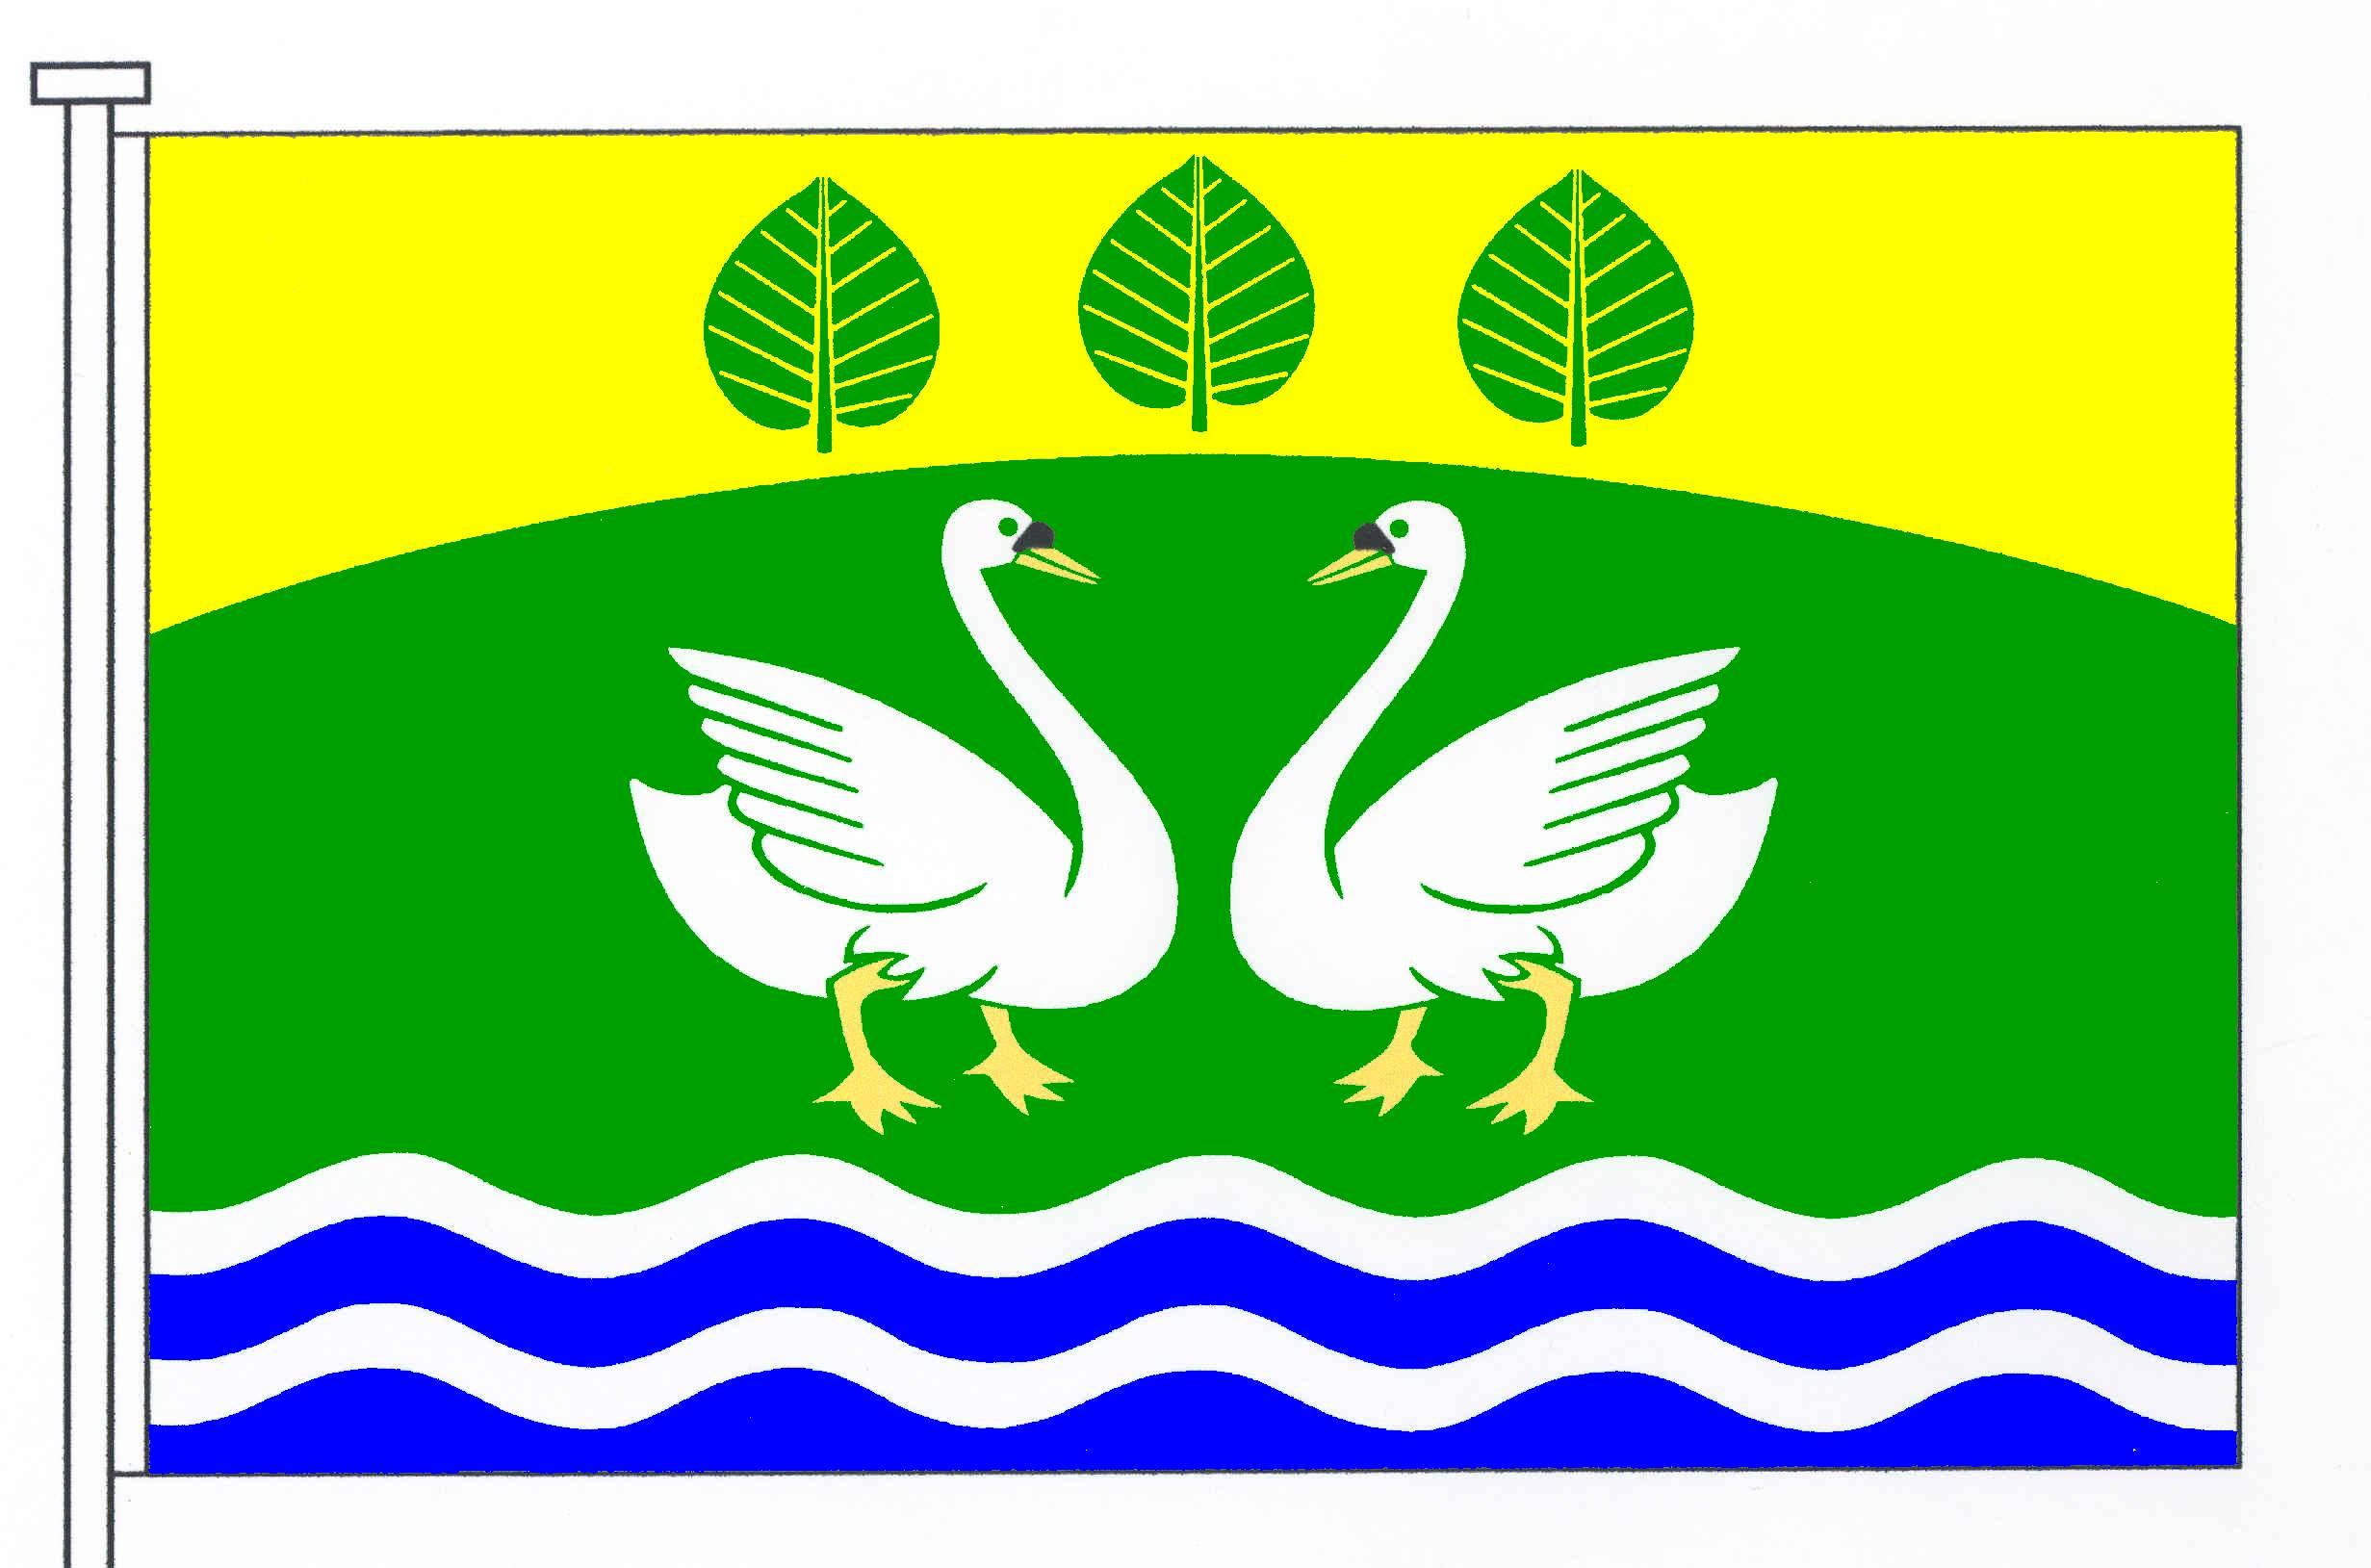 Flagge GemeindeSarzbüttel, Kreis Dithmarschen